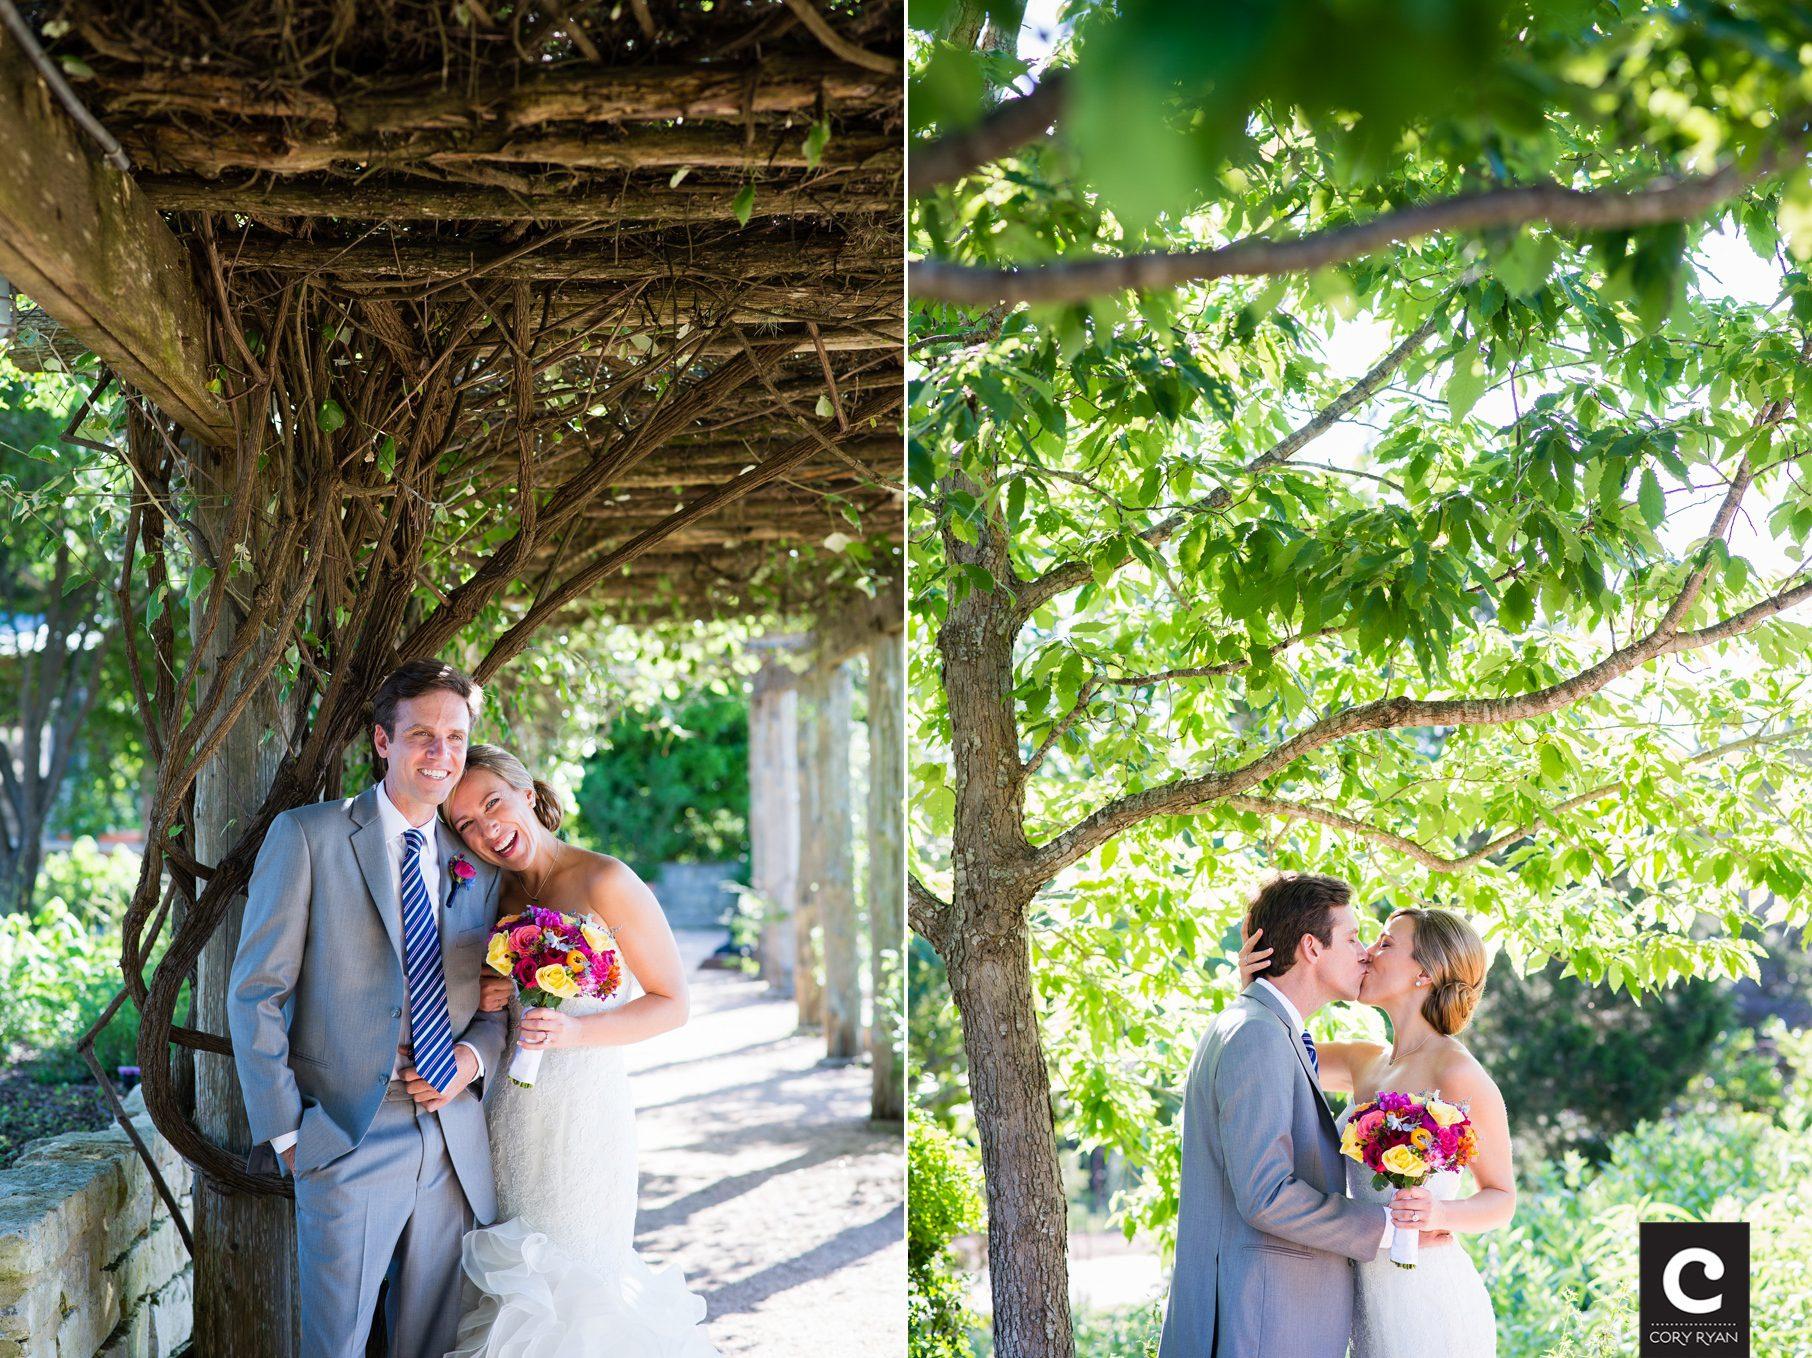 Wedding Portaits Wildflower Center Erfly Garden